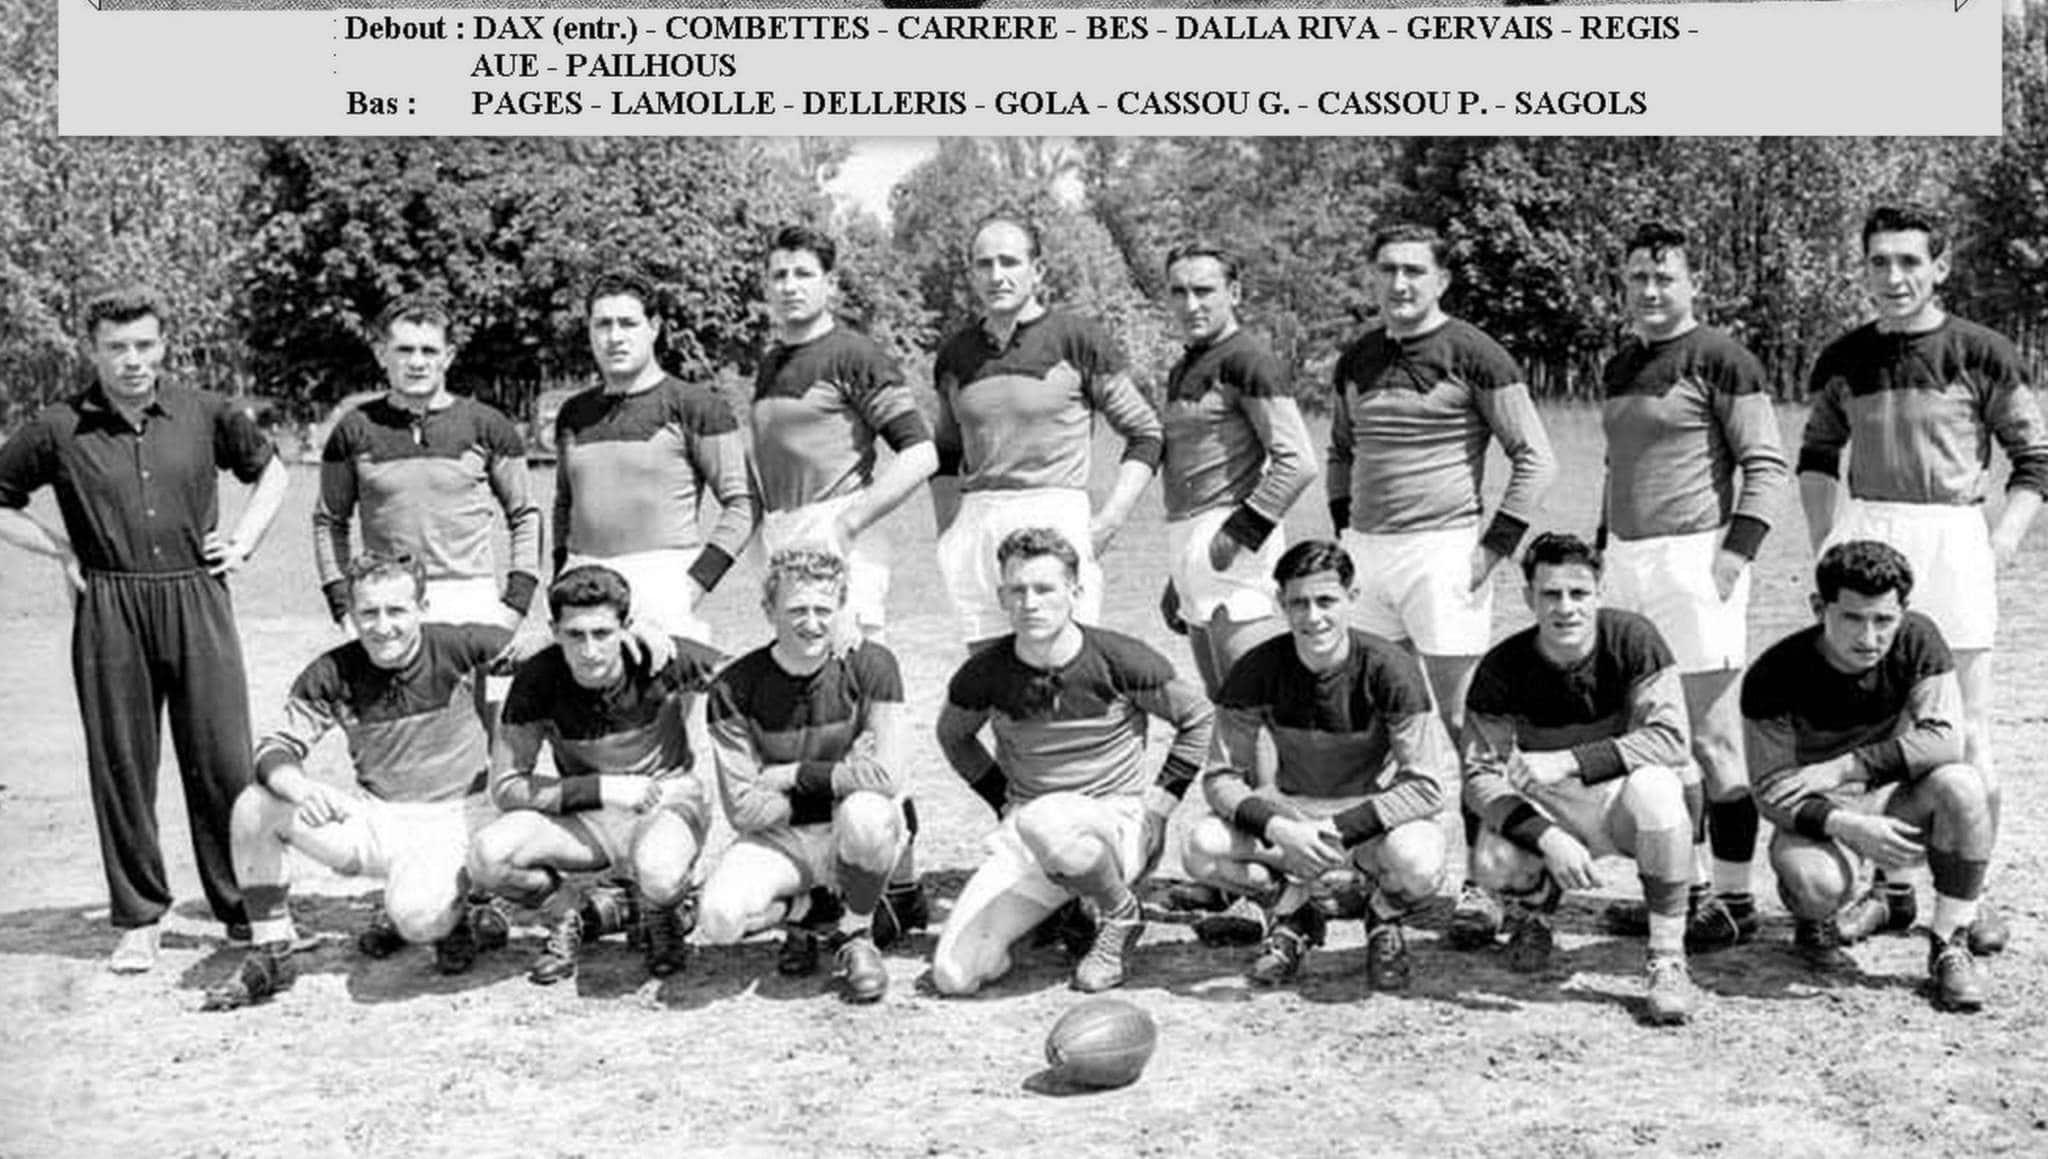 1 1951 bis